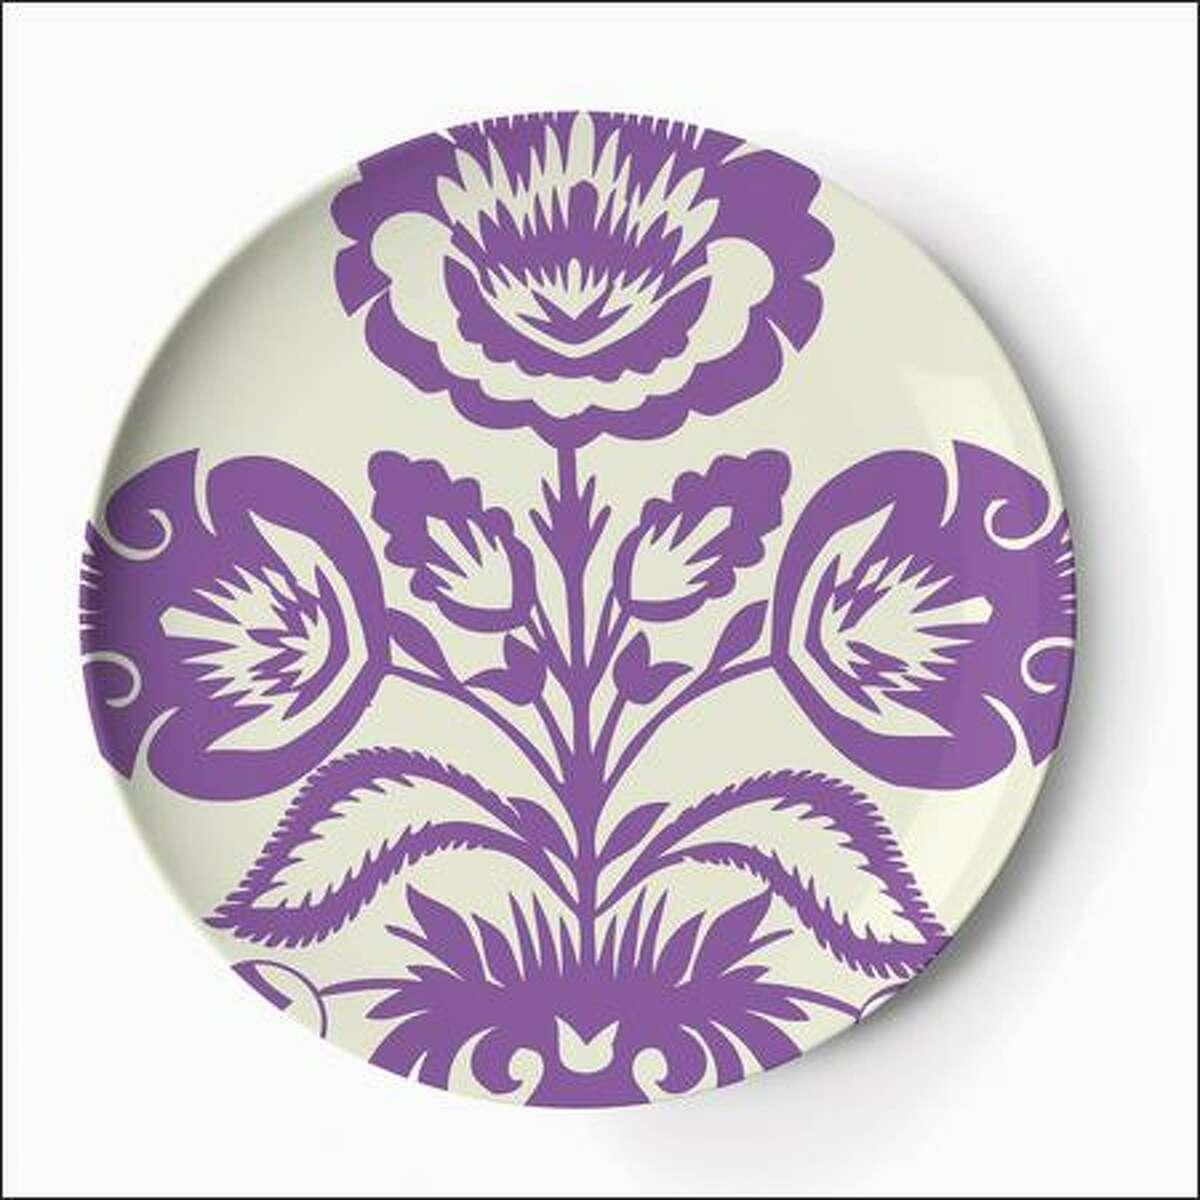 Thomas Paul melamine folk dinner plates from Curiosity Shoppe ($4-$36) curiosityshoppeonline.com